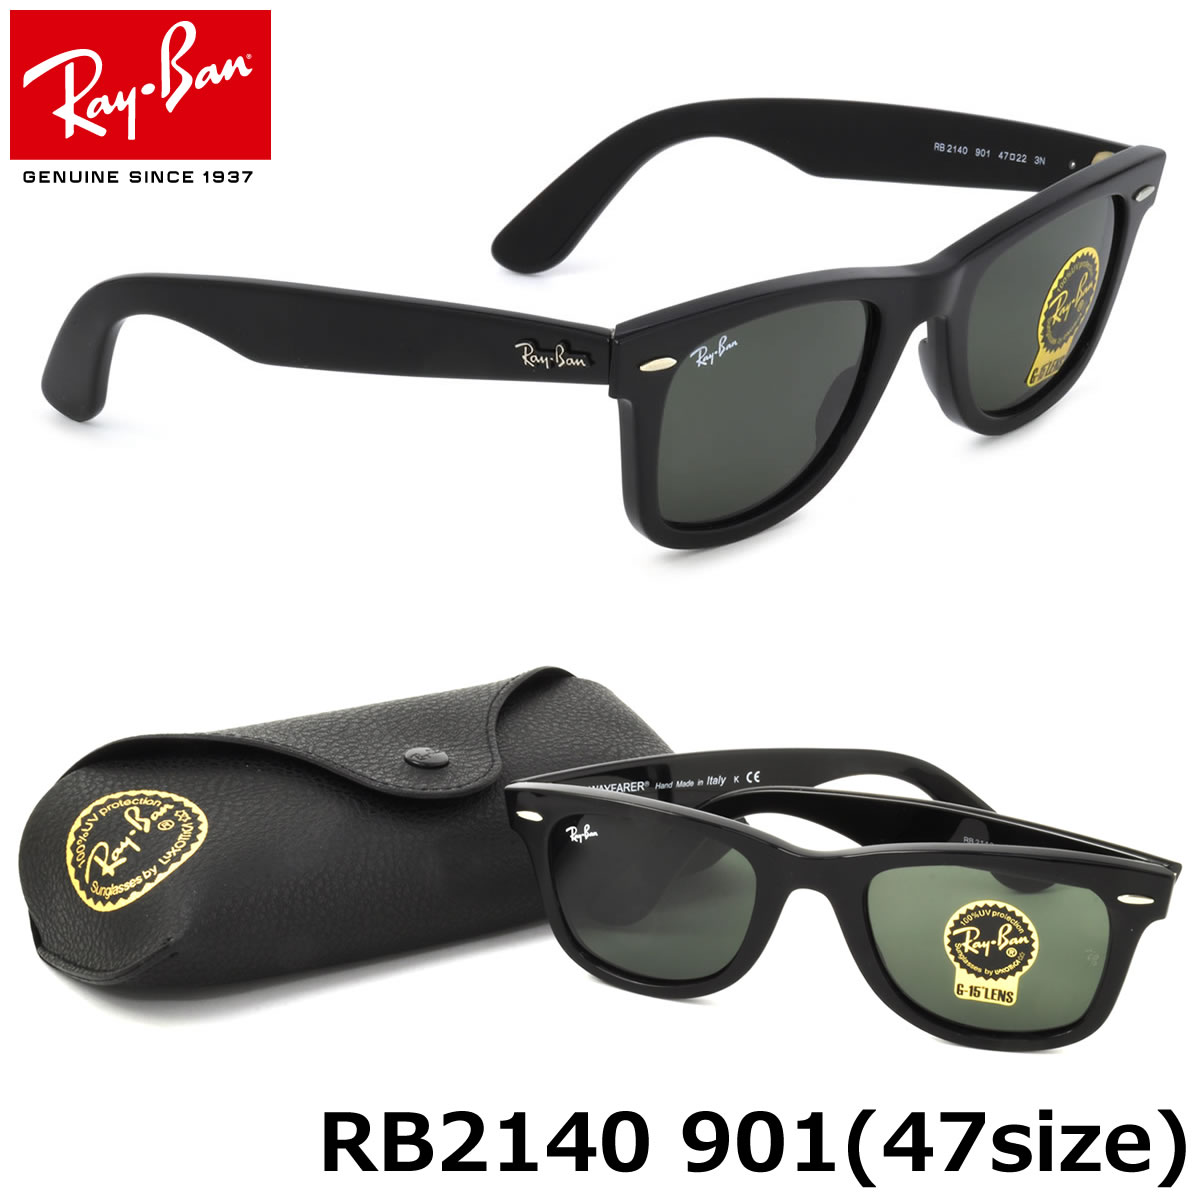 【Ray-Ban】(レイバン) ウェイファーラー サングラス RB2140 901 47サ…...:thats:10006297